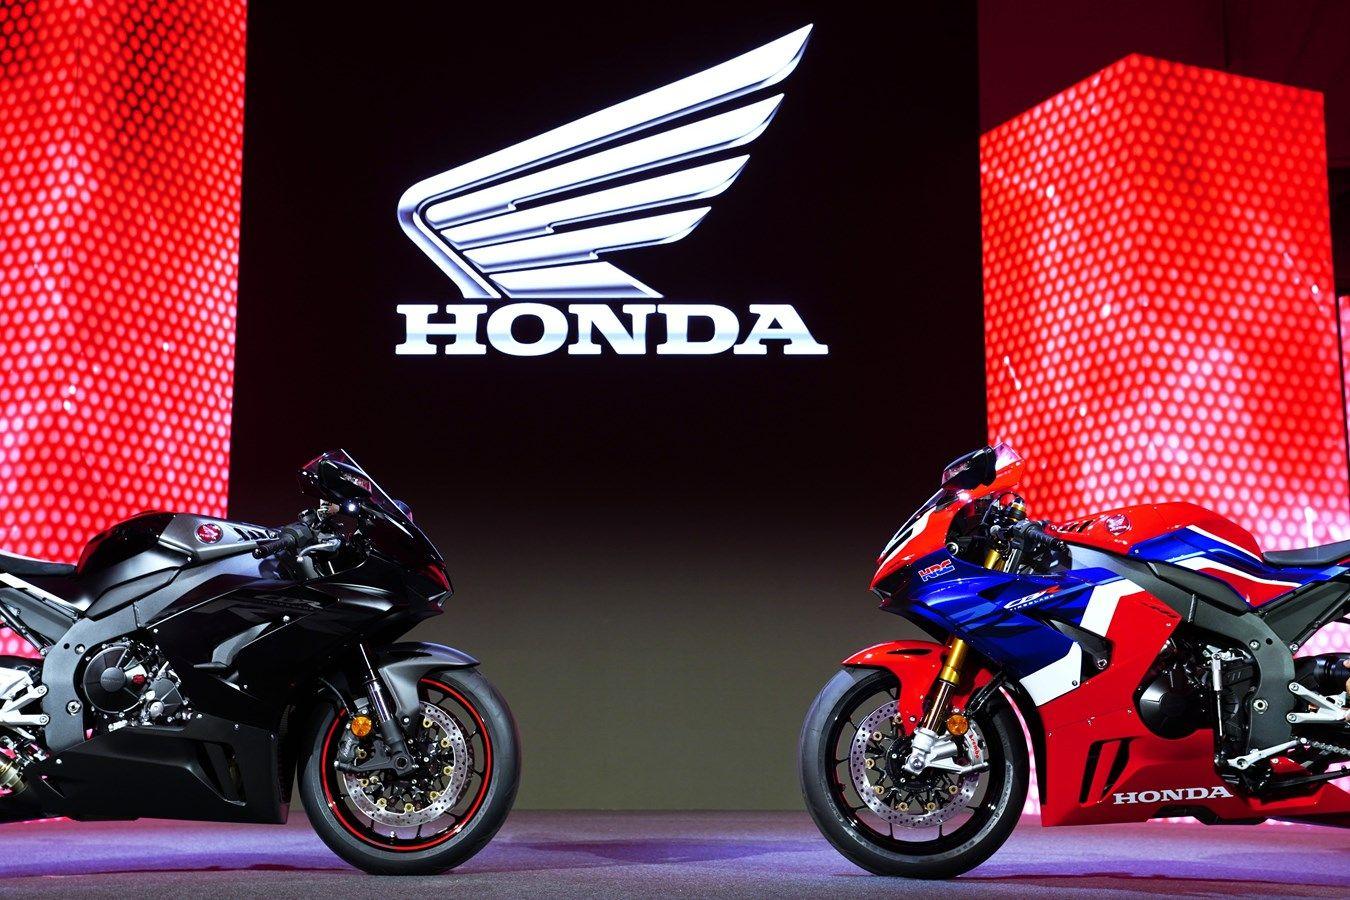 2020 HONDA CBR1000RRR FIREBLADE in 2020 Honda cbr